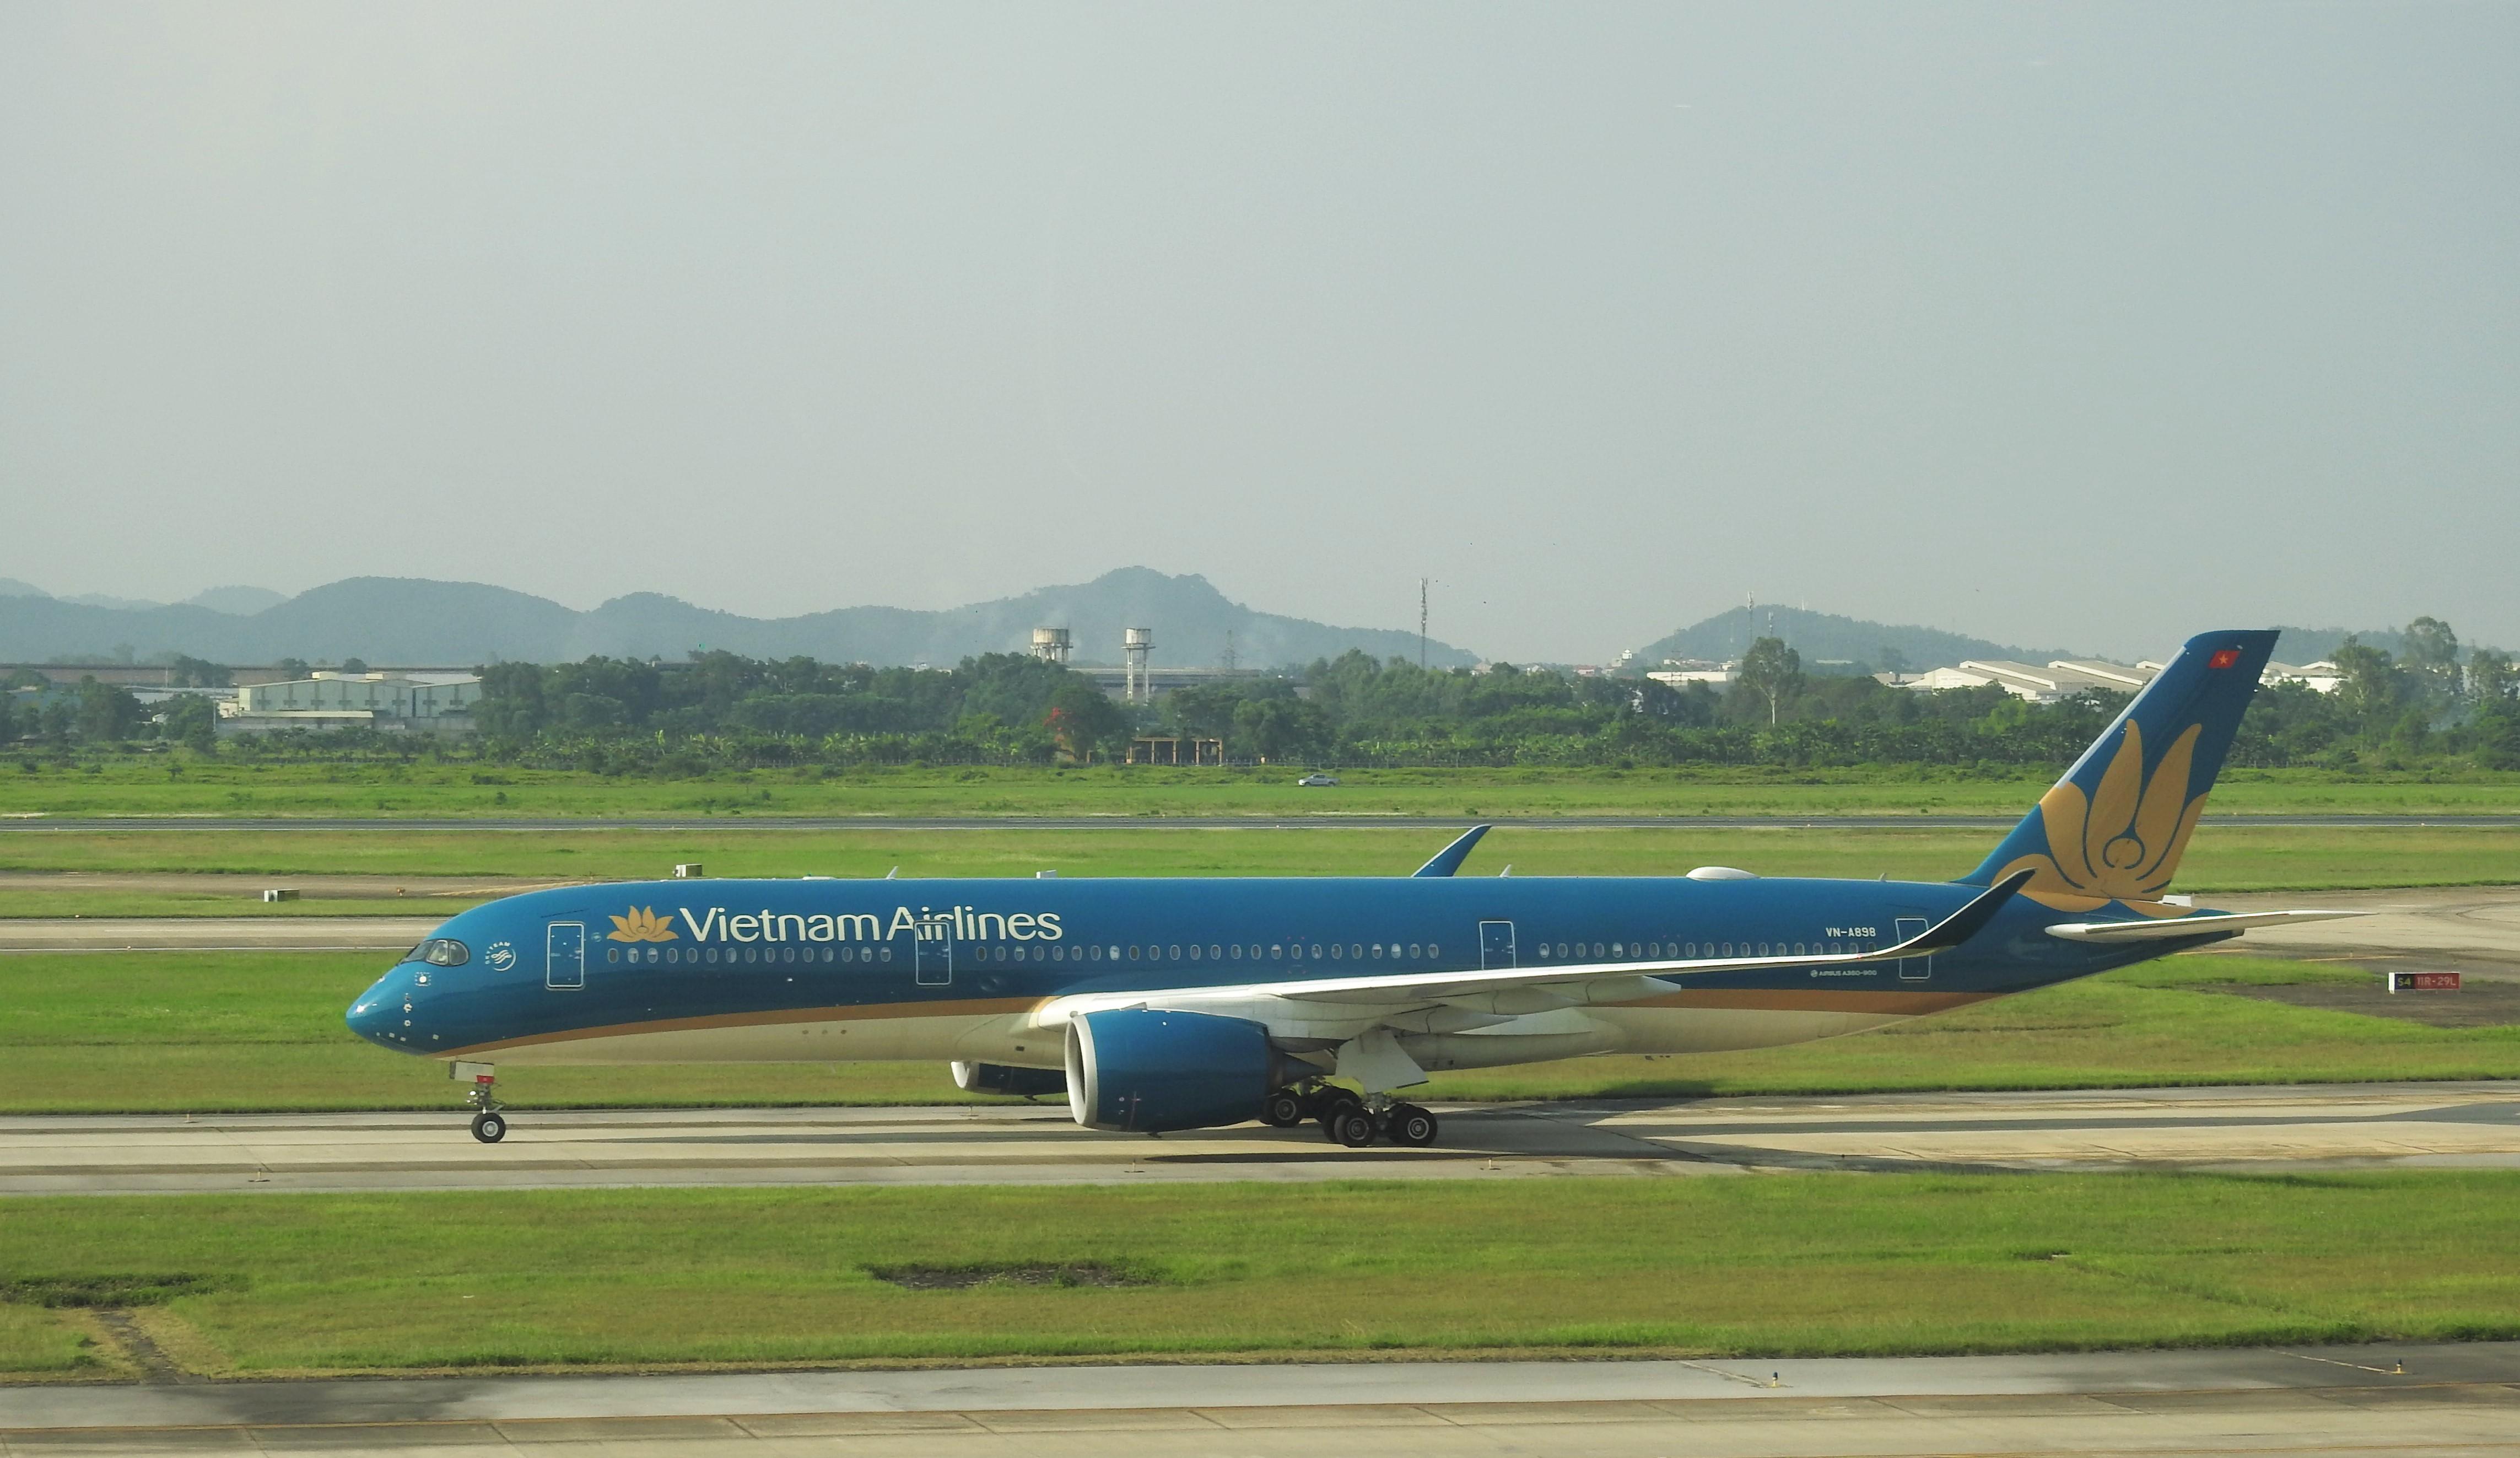 Vietnam Airlines mở lại hai đường bay với Đà Nẵng từ ngày 7/9 - Ảnh 1.